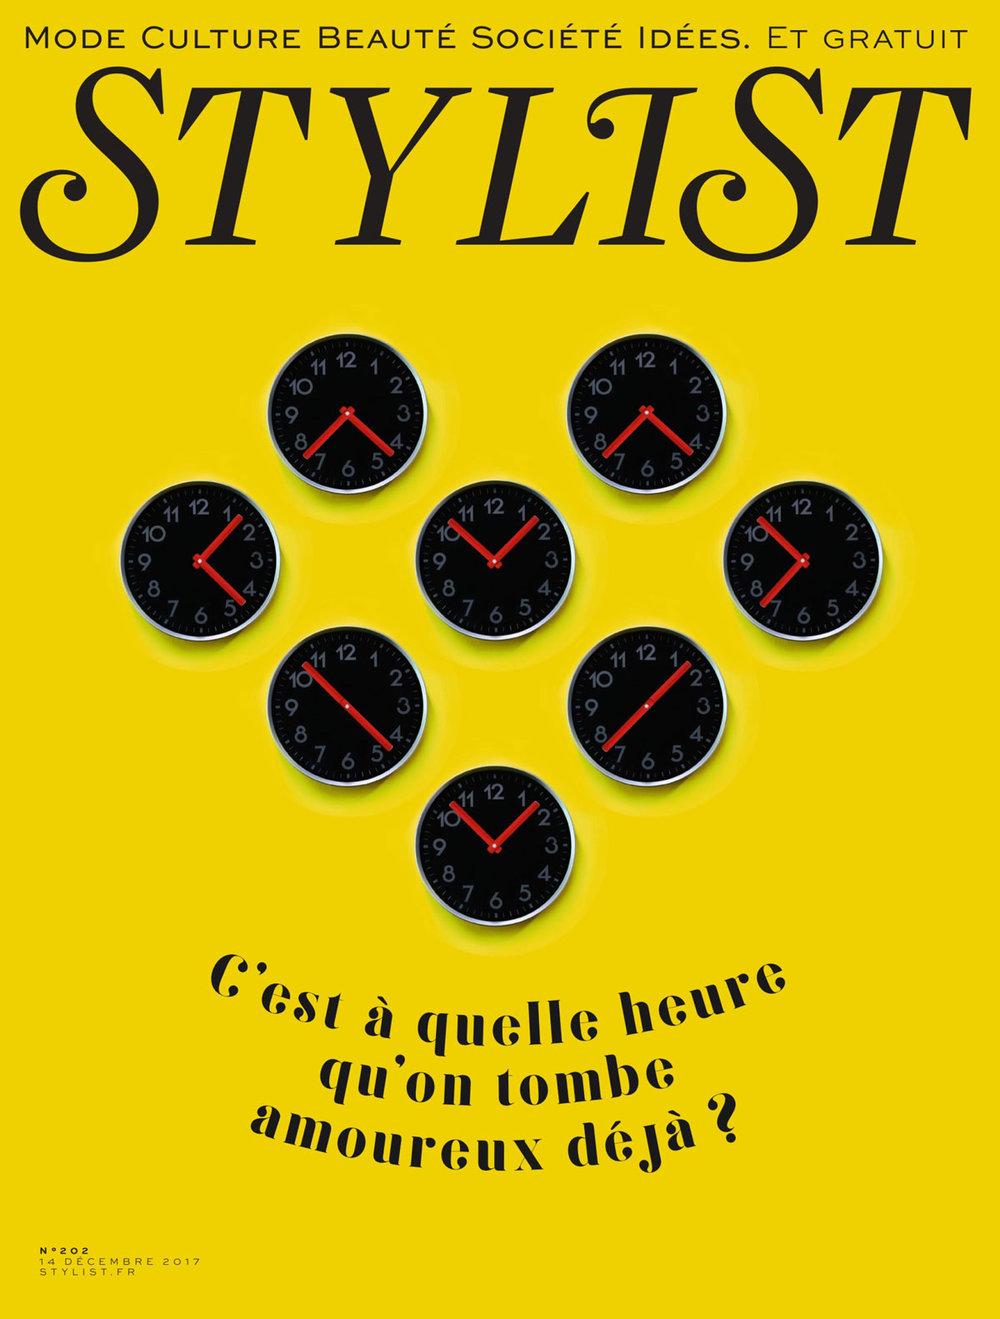 Stylist, édition du 14 Décembre 2017 - Page 20/80